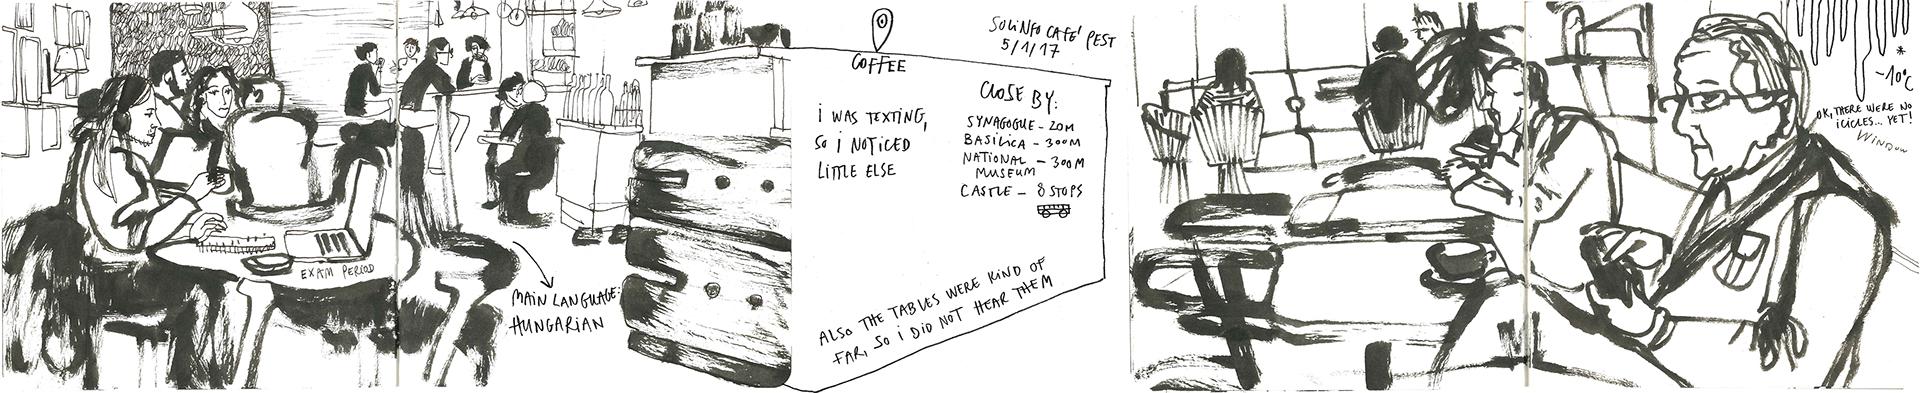 018_coffee